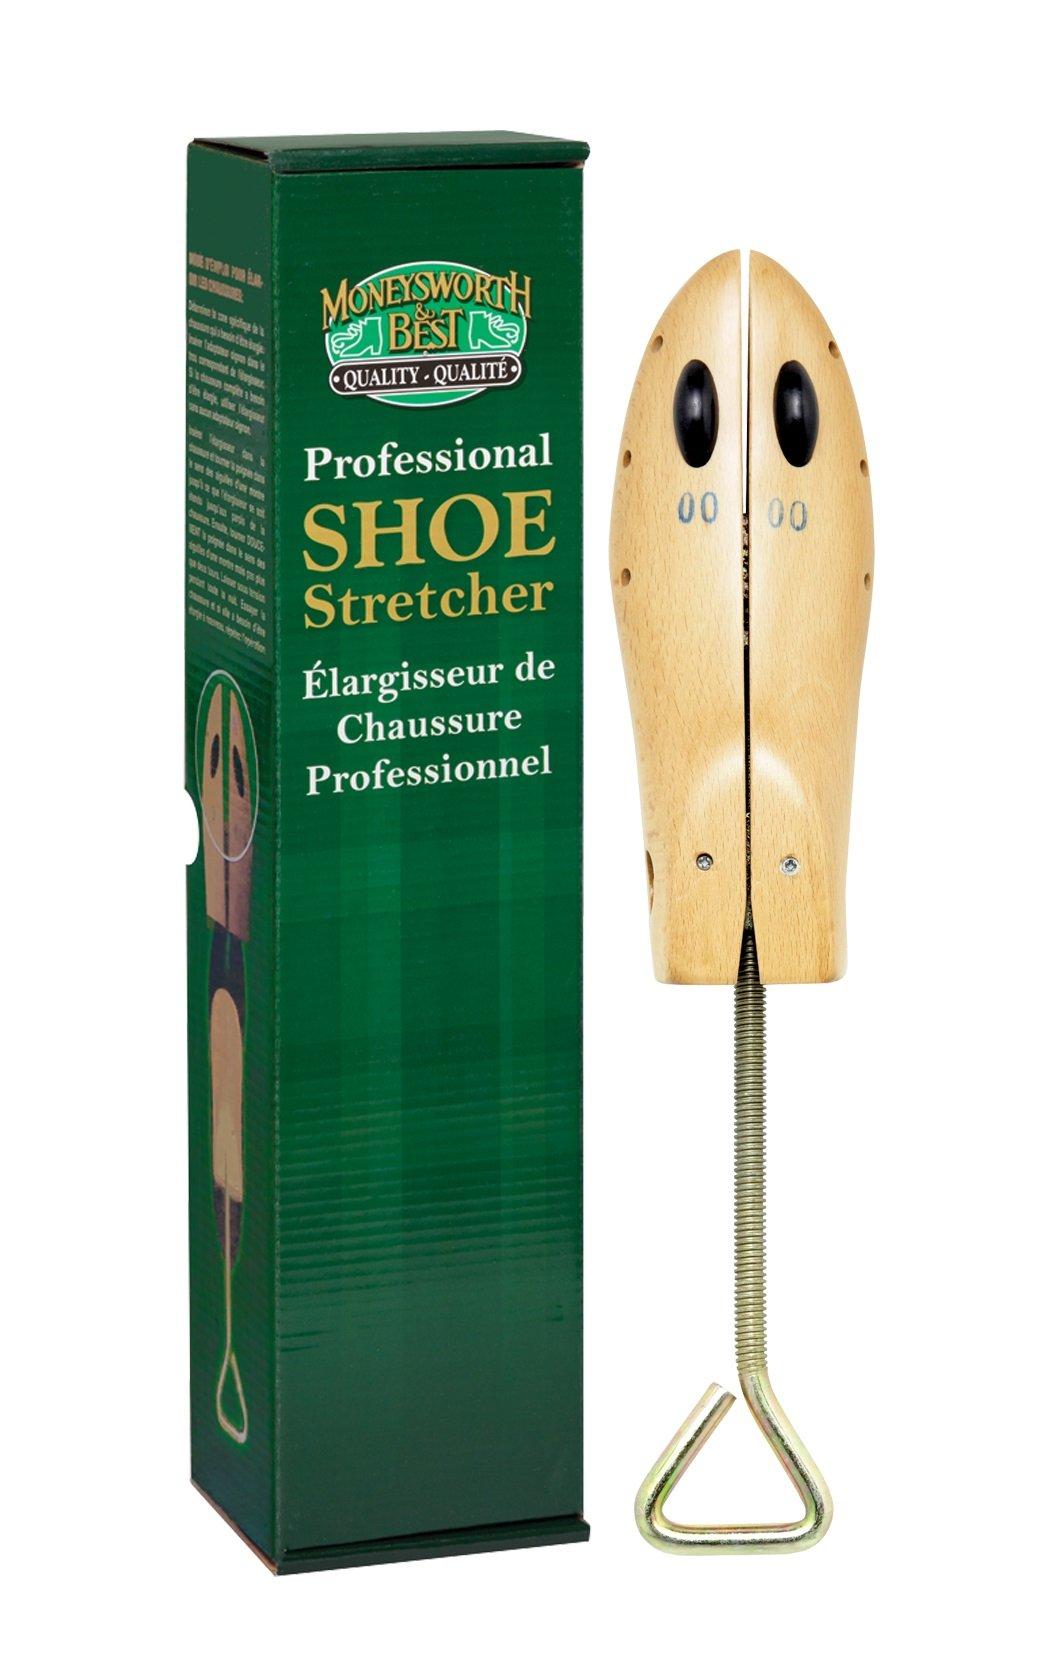 Moneysworth & Best Women's High Heel Shoe Stretcher, Large Size 8.5 +